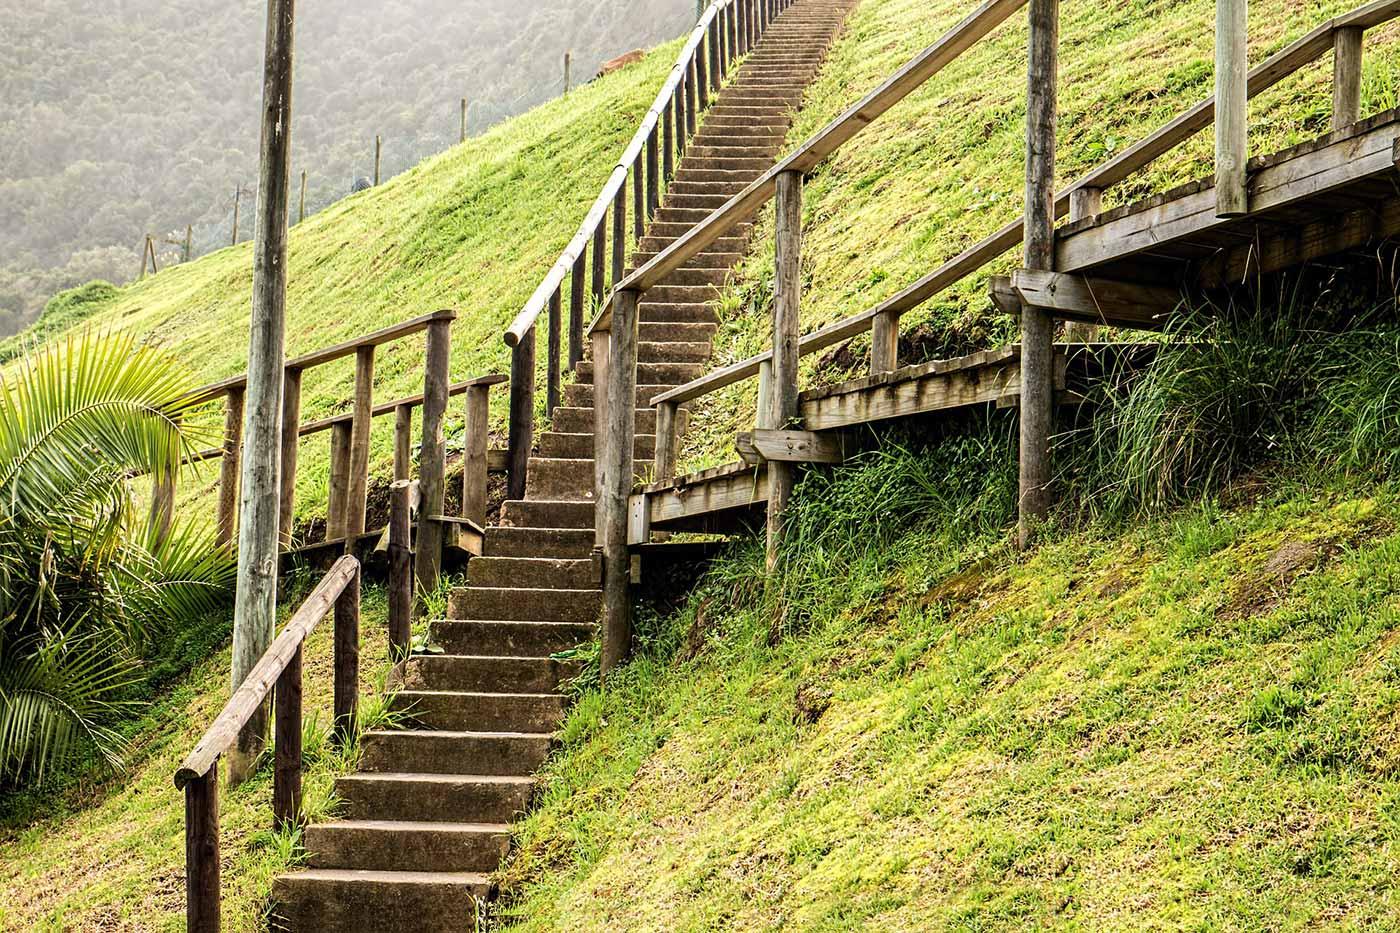 Crossing stairways